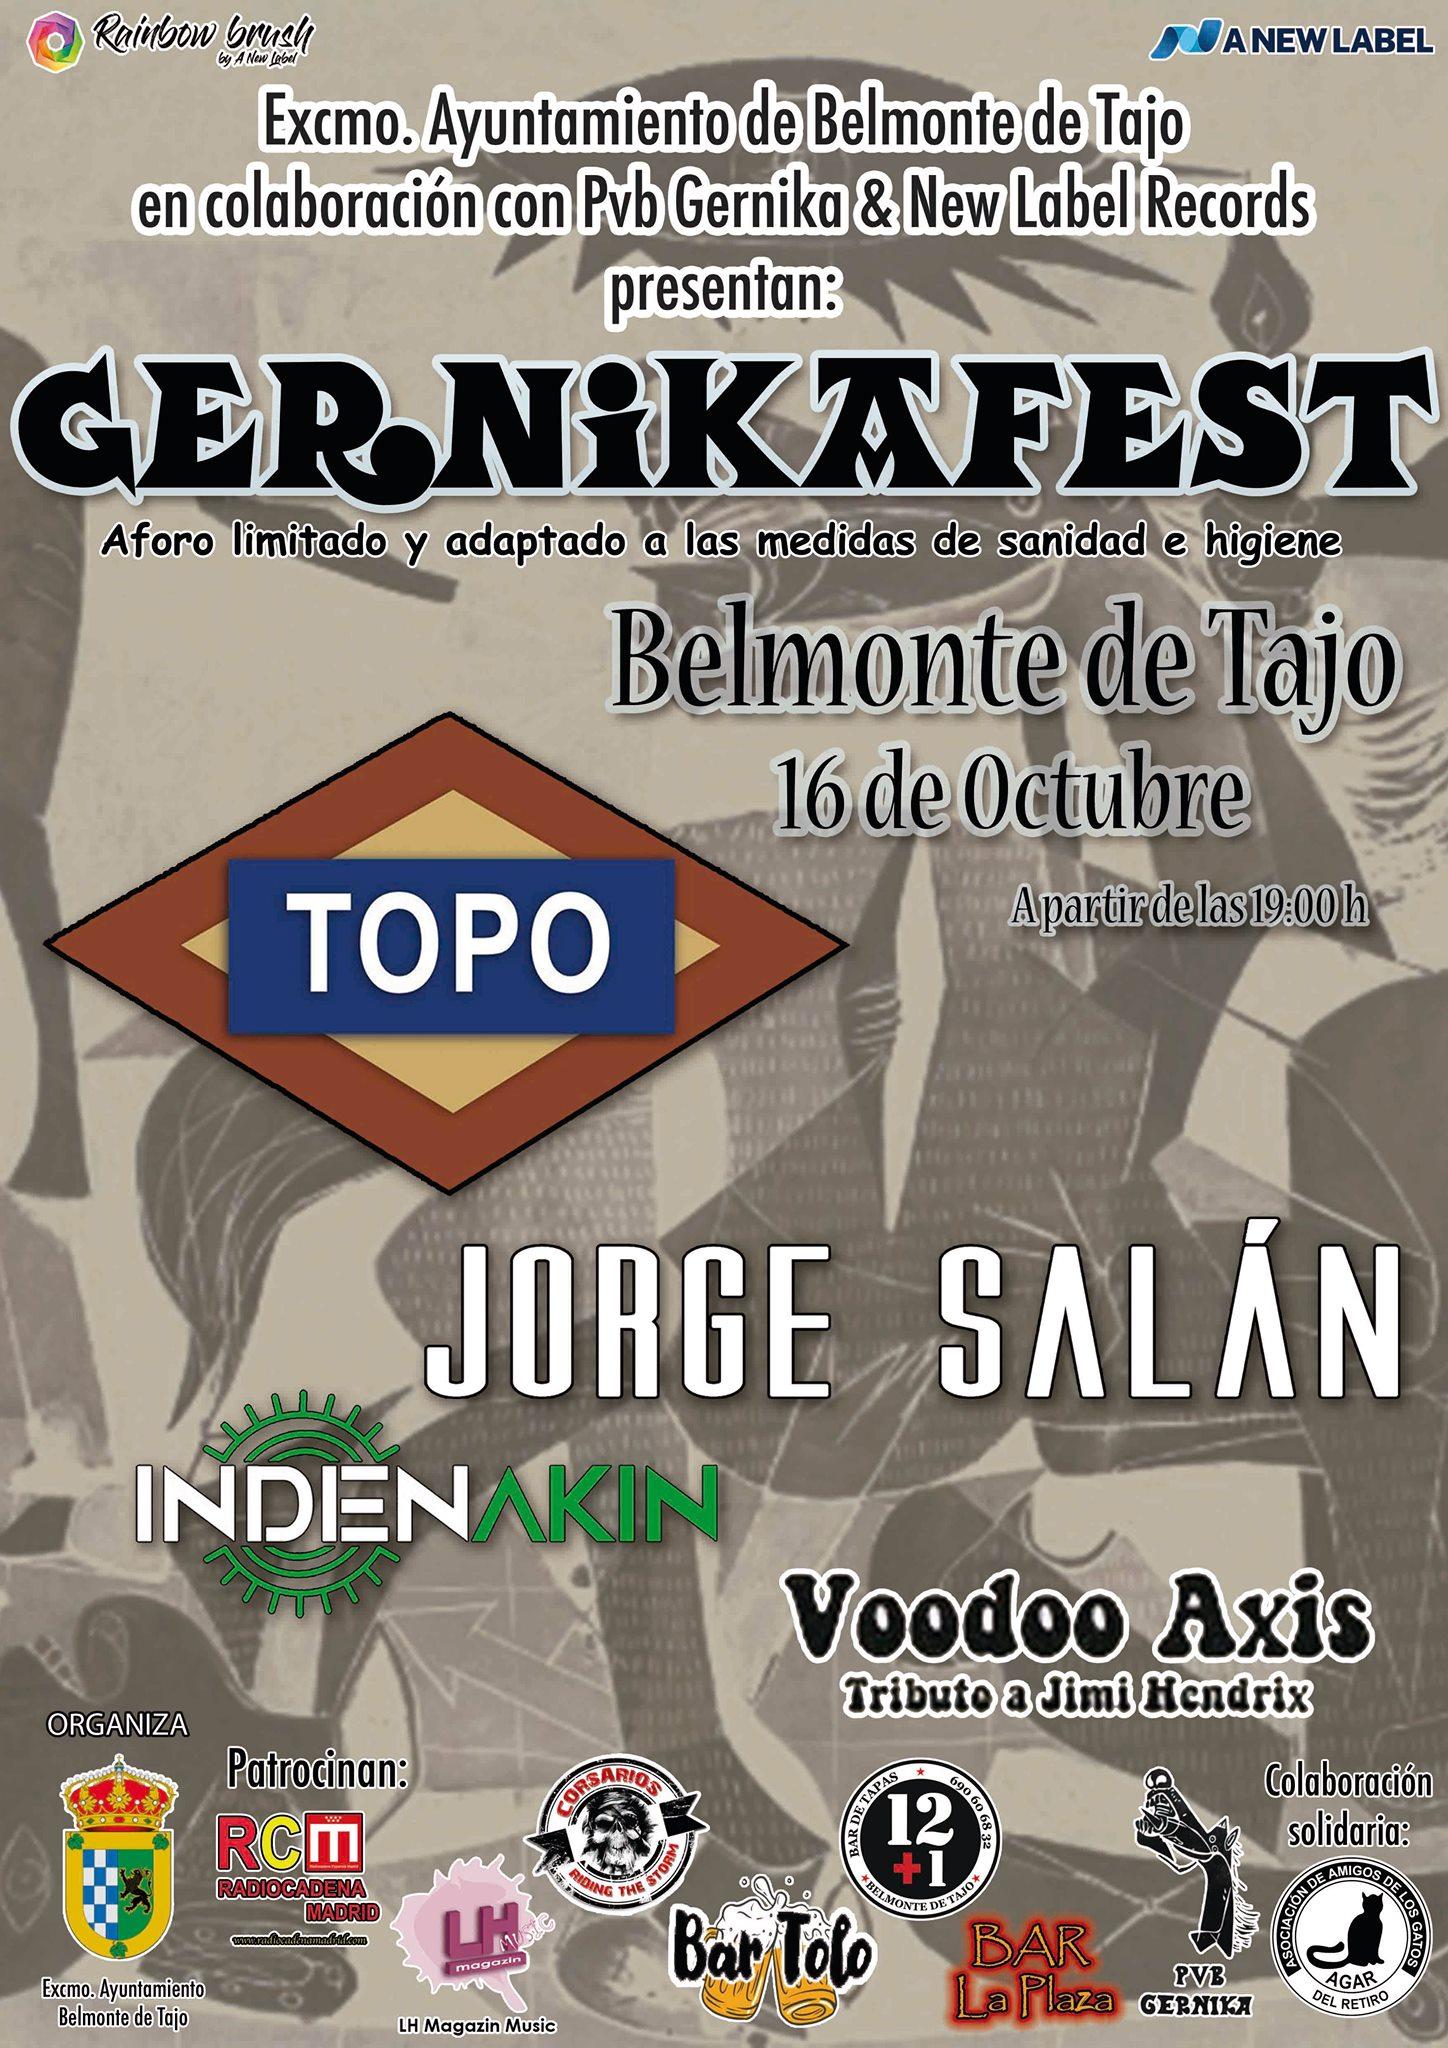 Gernika Fest – 16 de octubre en Belmonte De Tajo (Madrid)